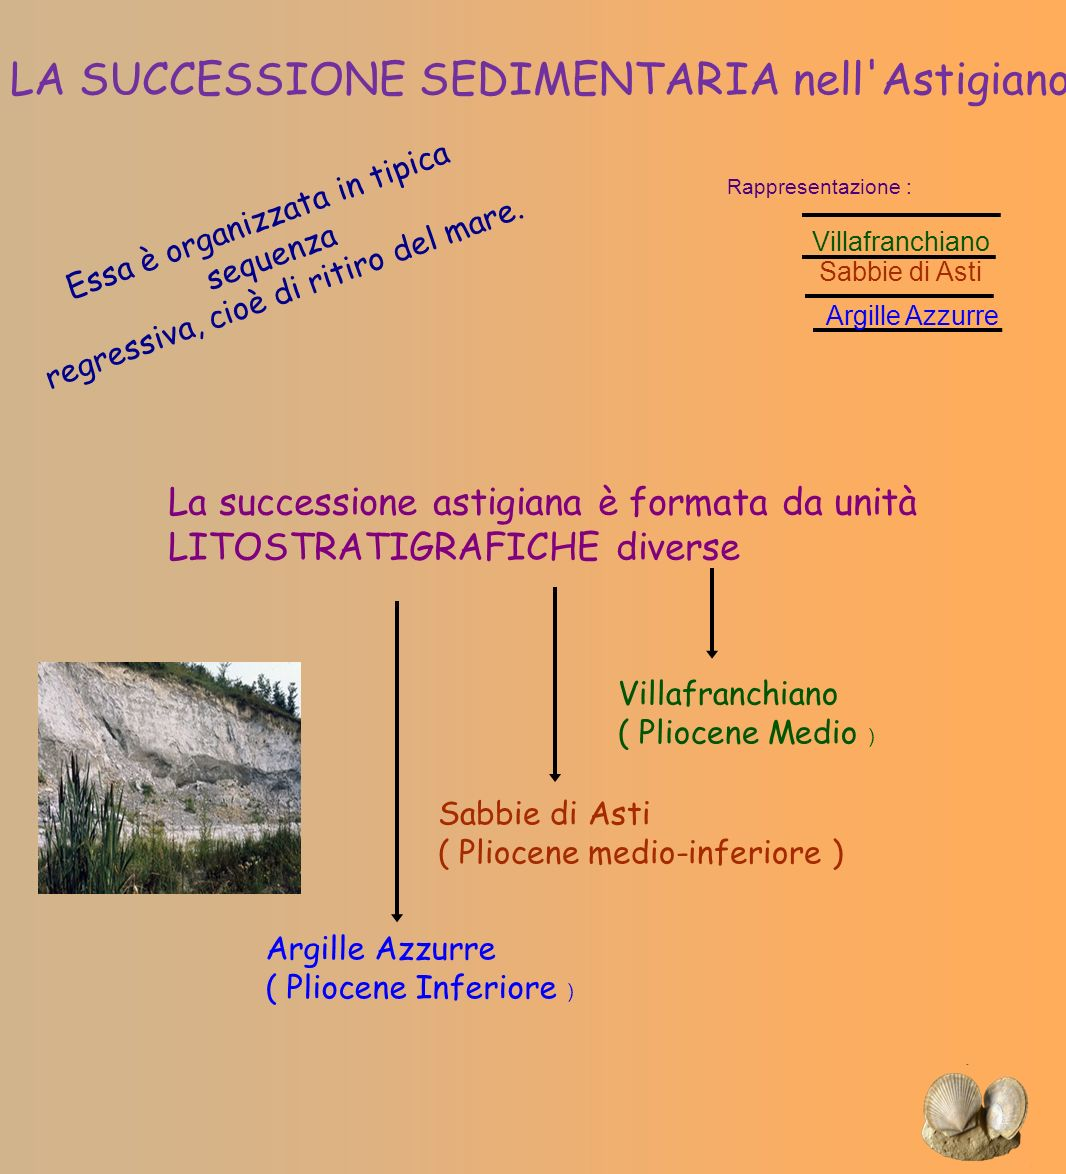 LA SUCCESSIONE SEDIMENTARIA nell Astigiano